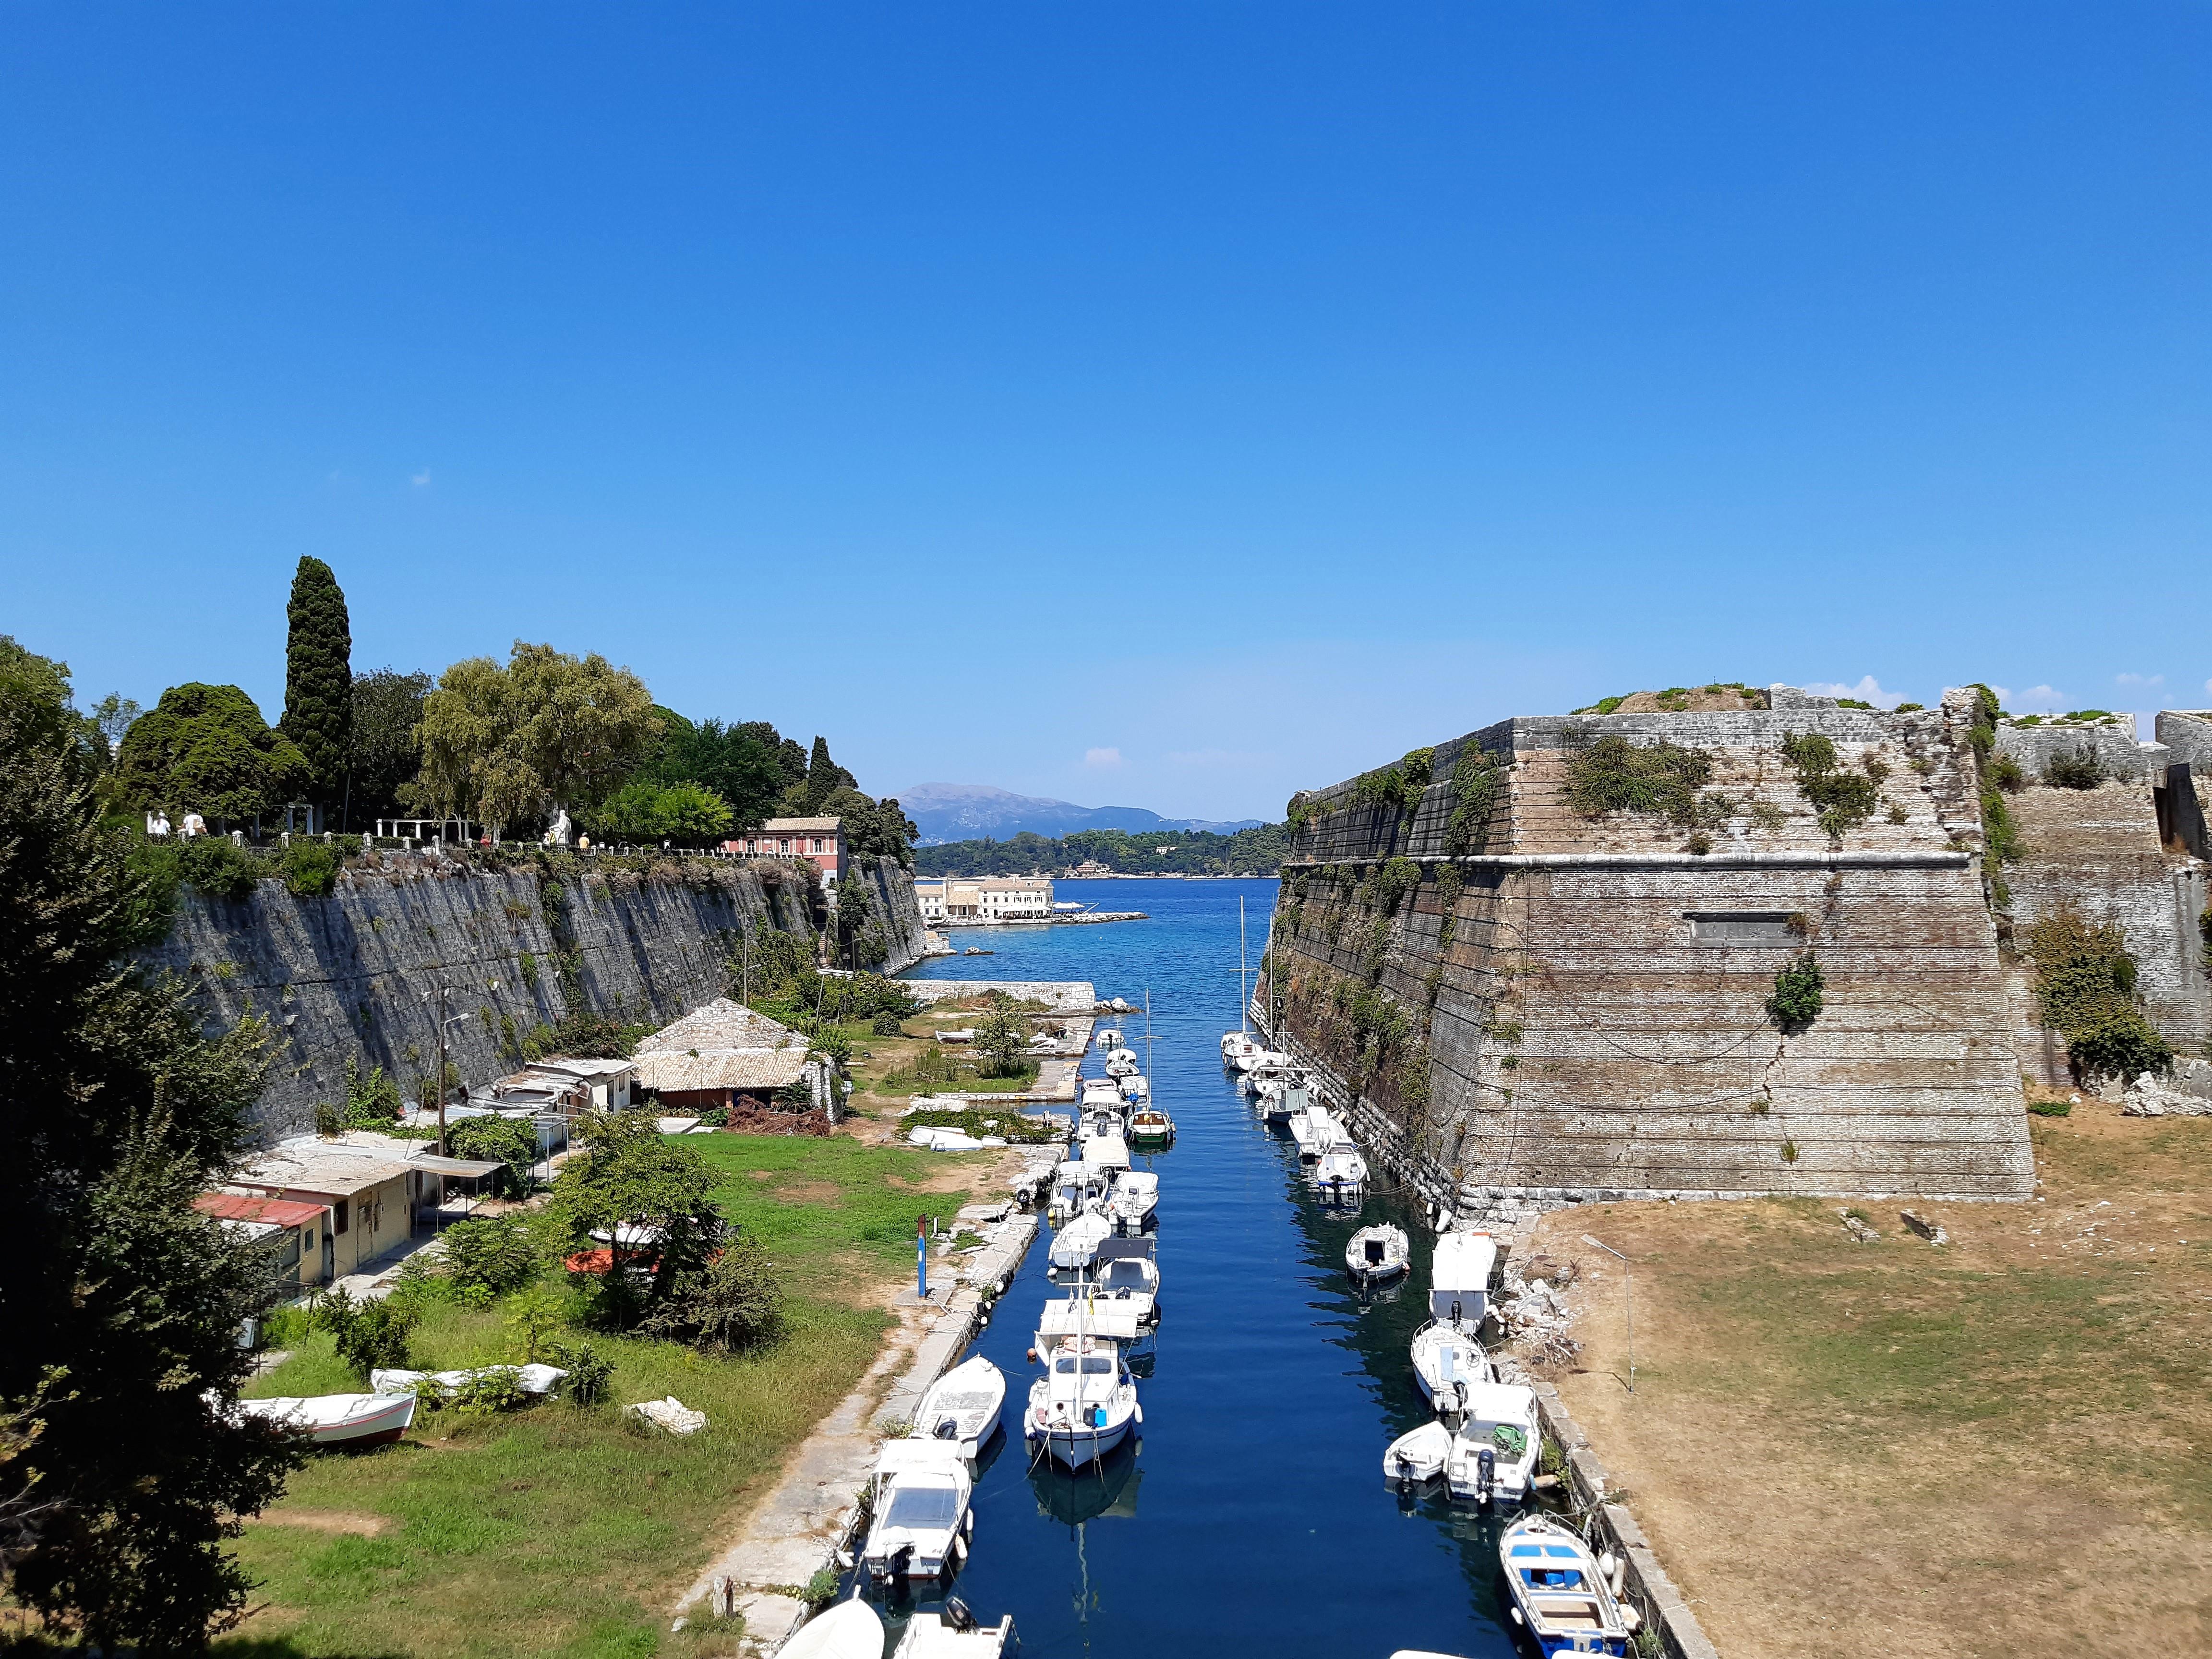 Spektakulärer Blick von der Brücke zur Alten Festung auf Korfu